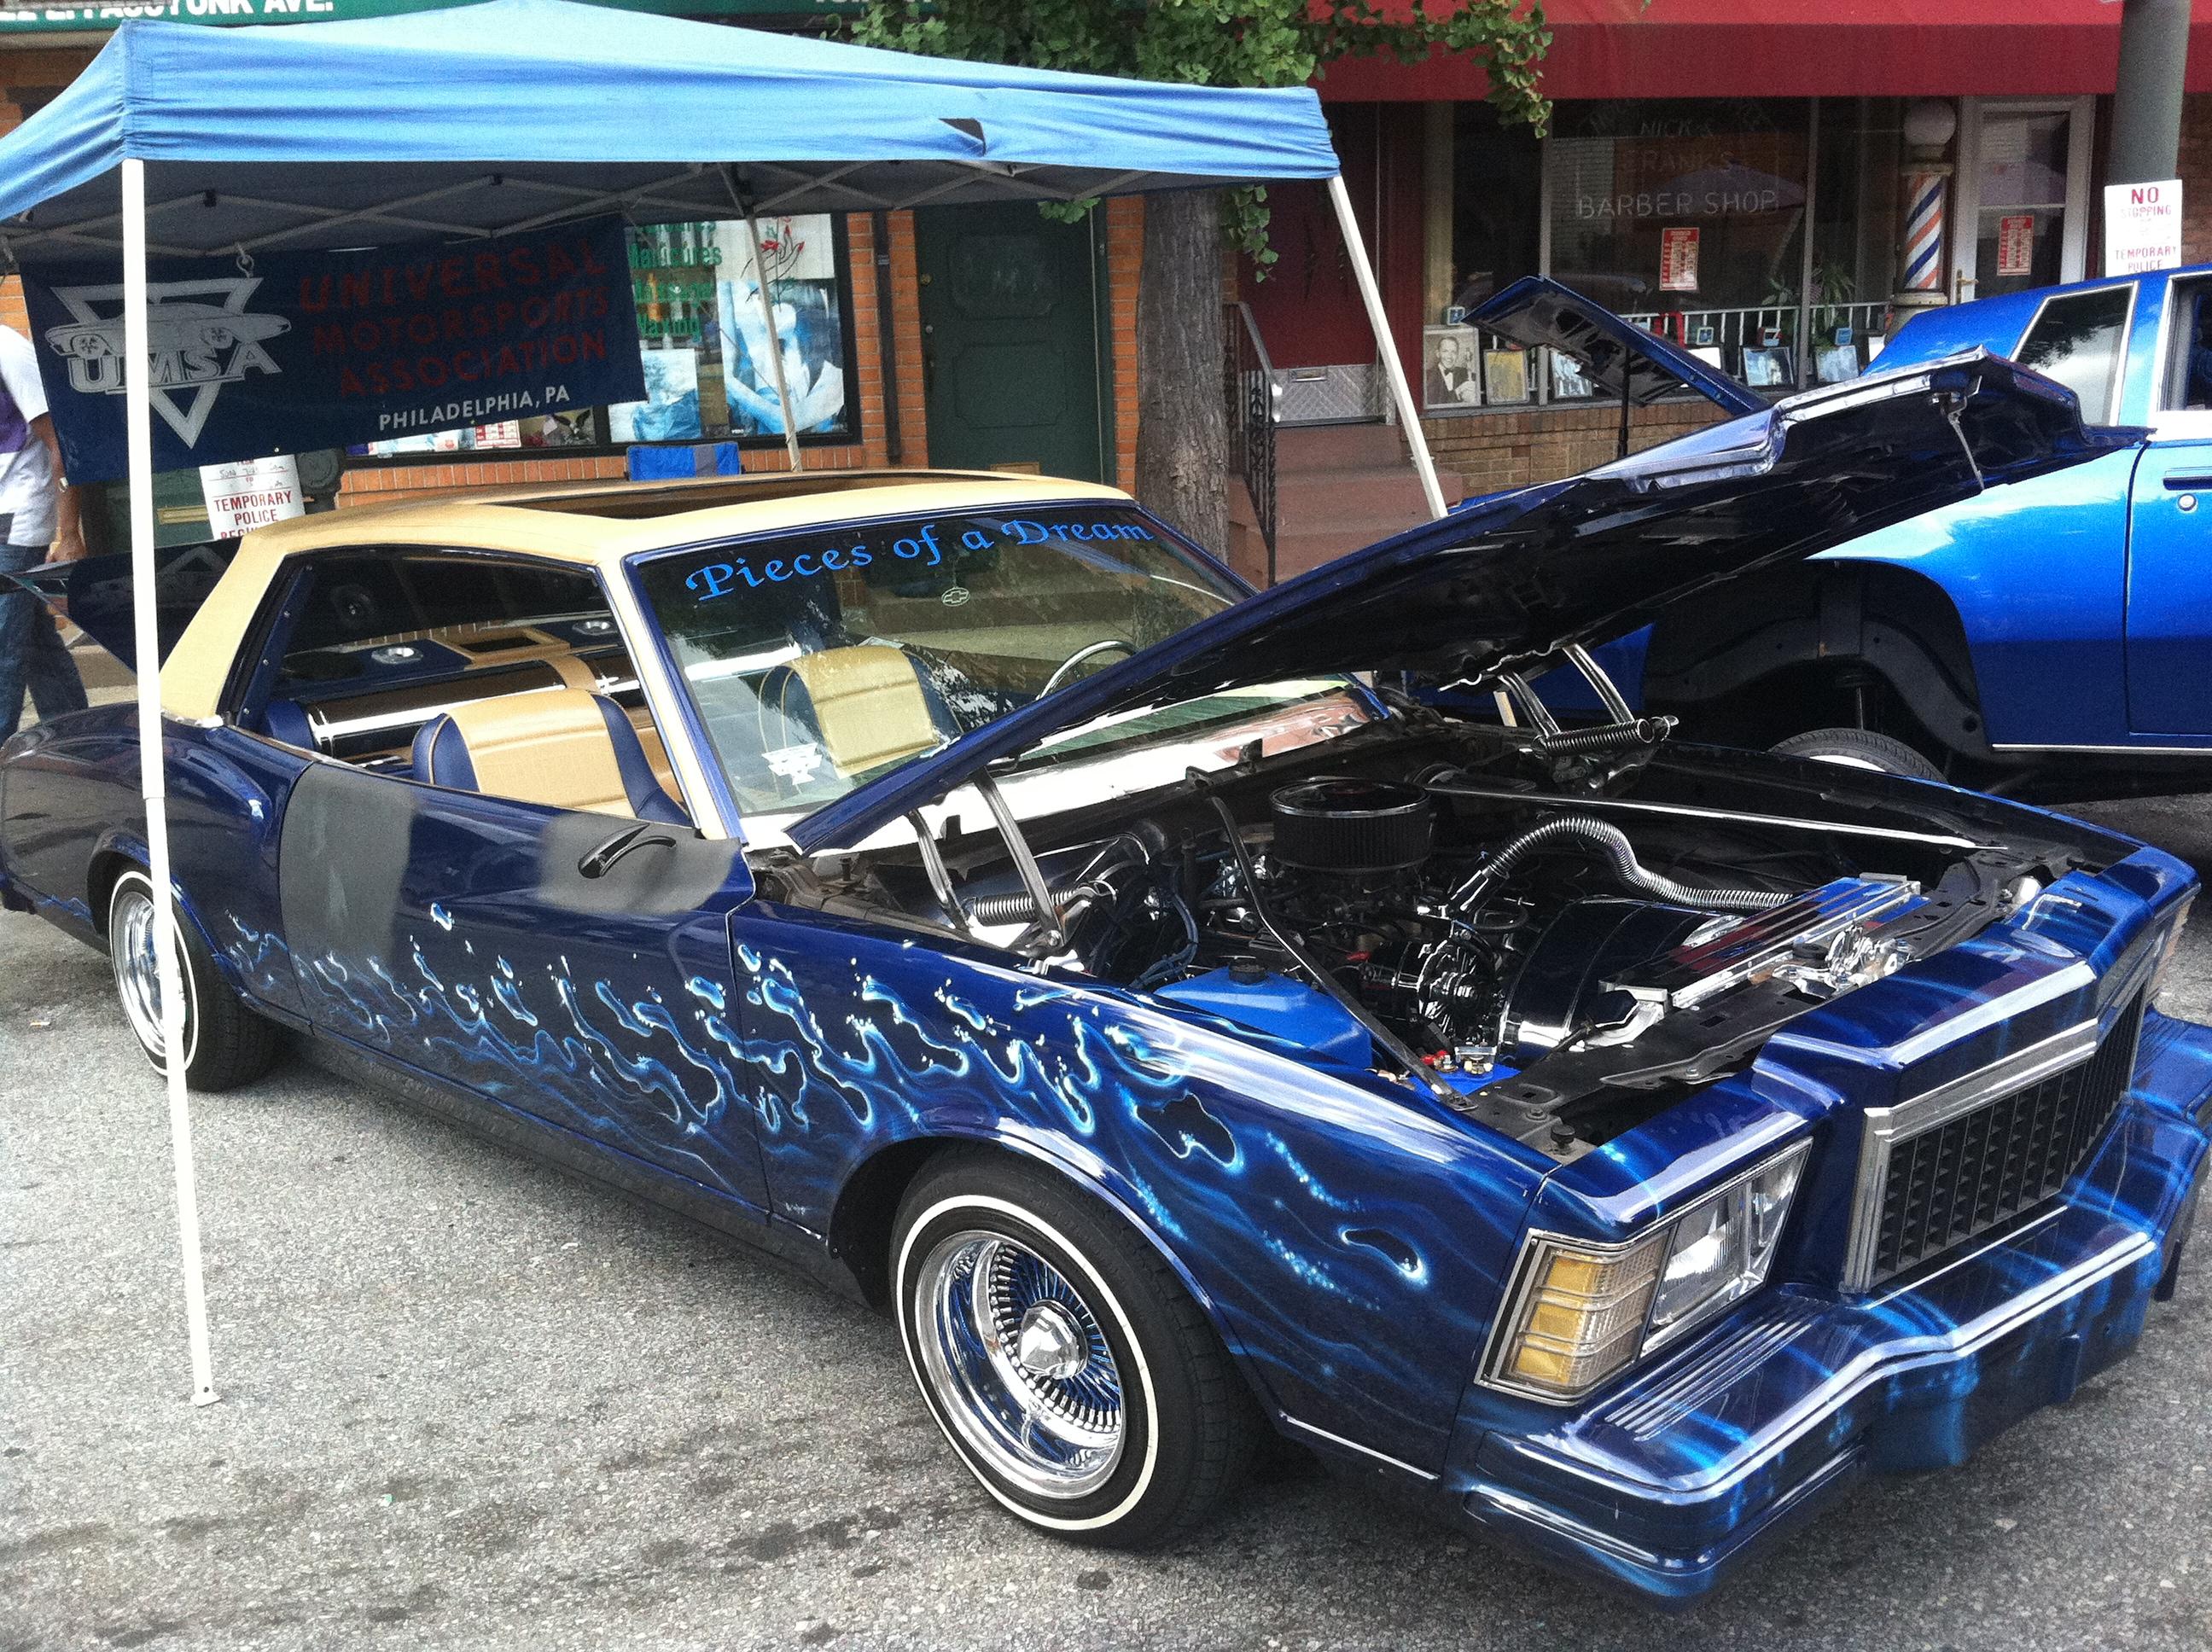 Passyunk Avenue Car Show